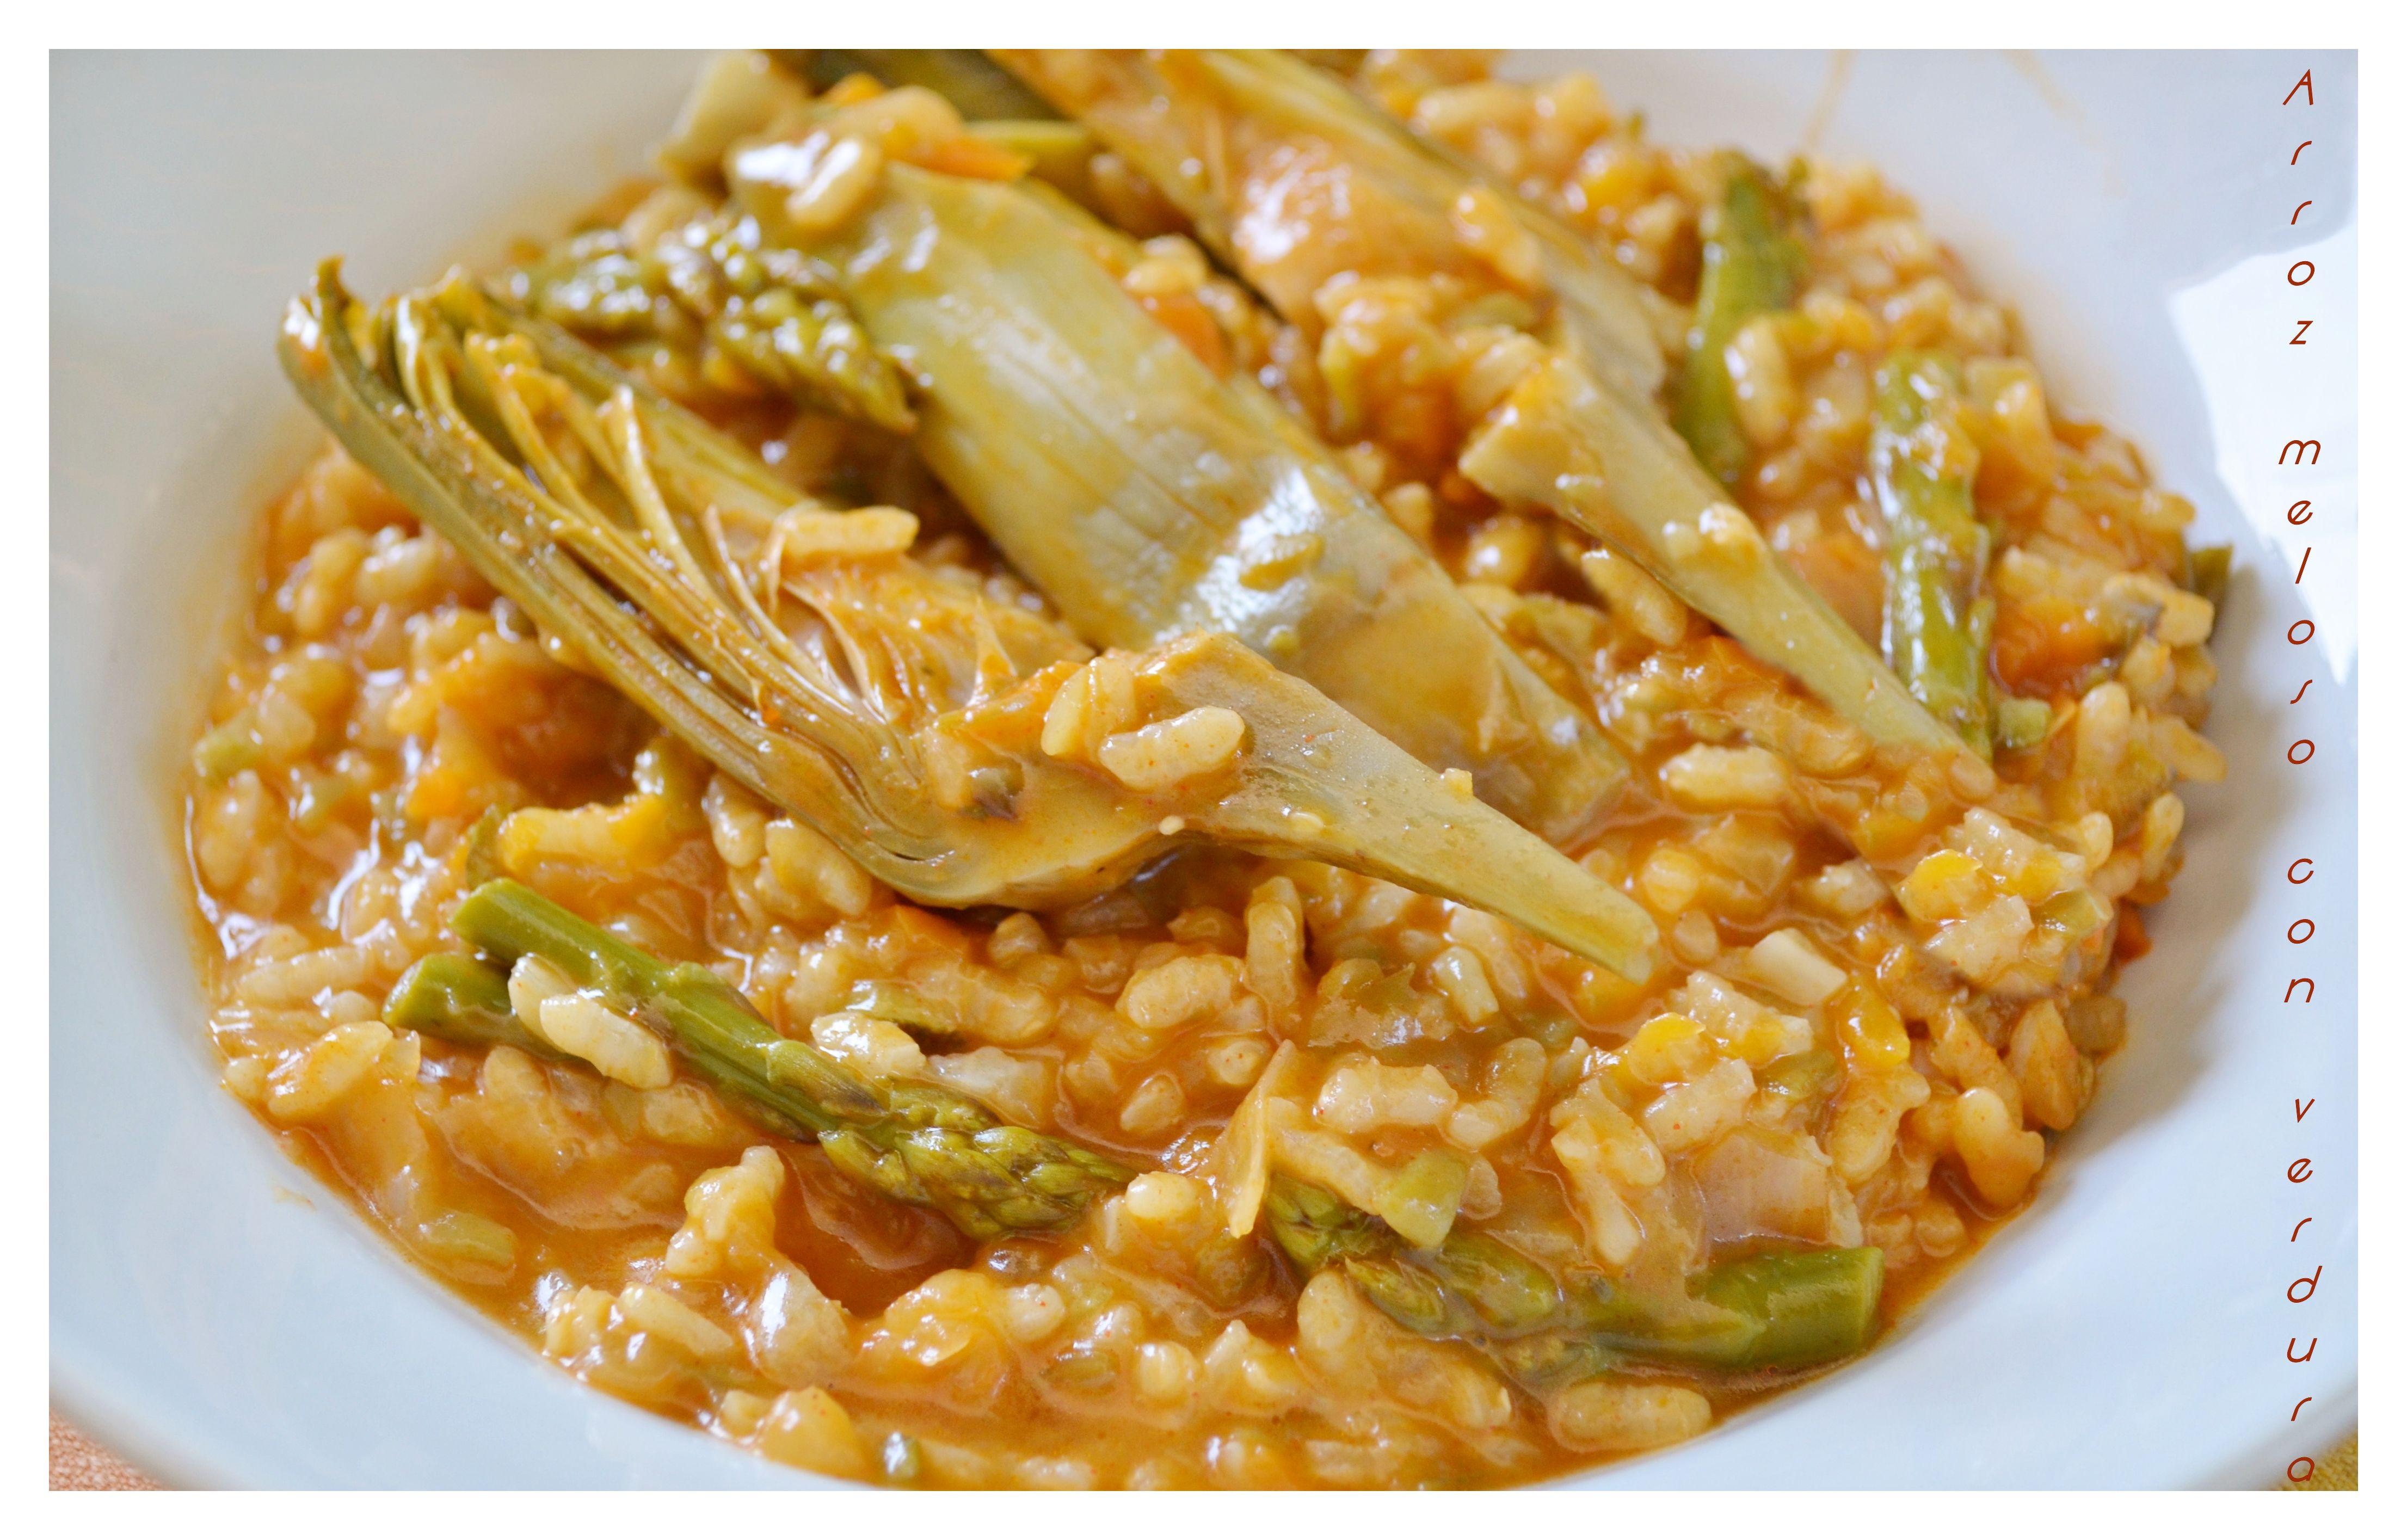 Arroz meloso con verduras  Recetas Vegetarianas  Recetas